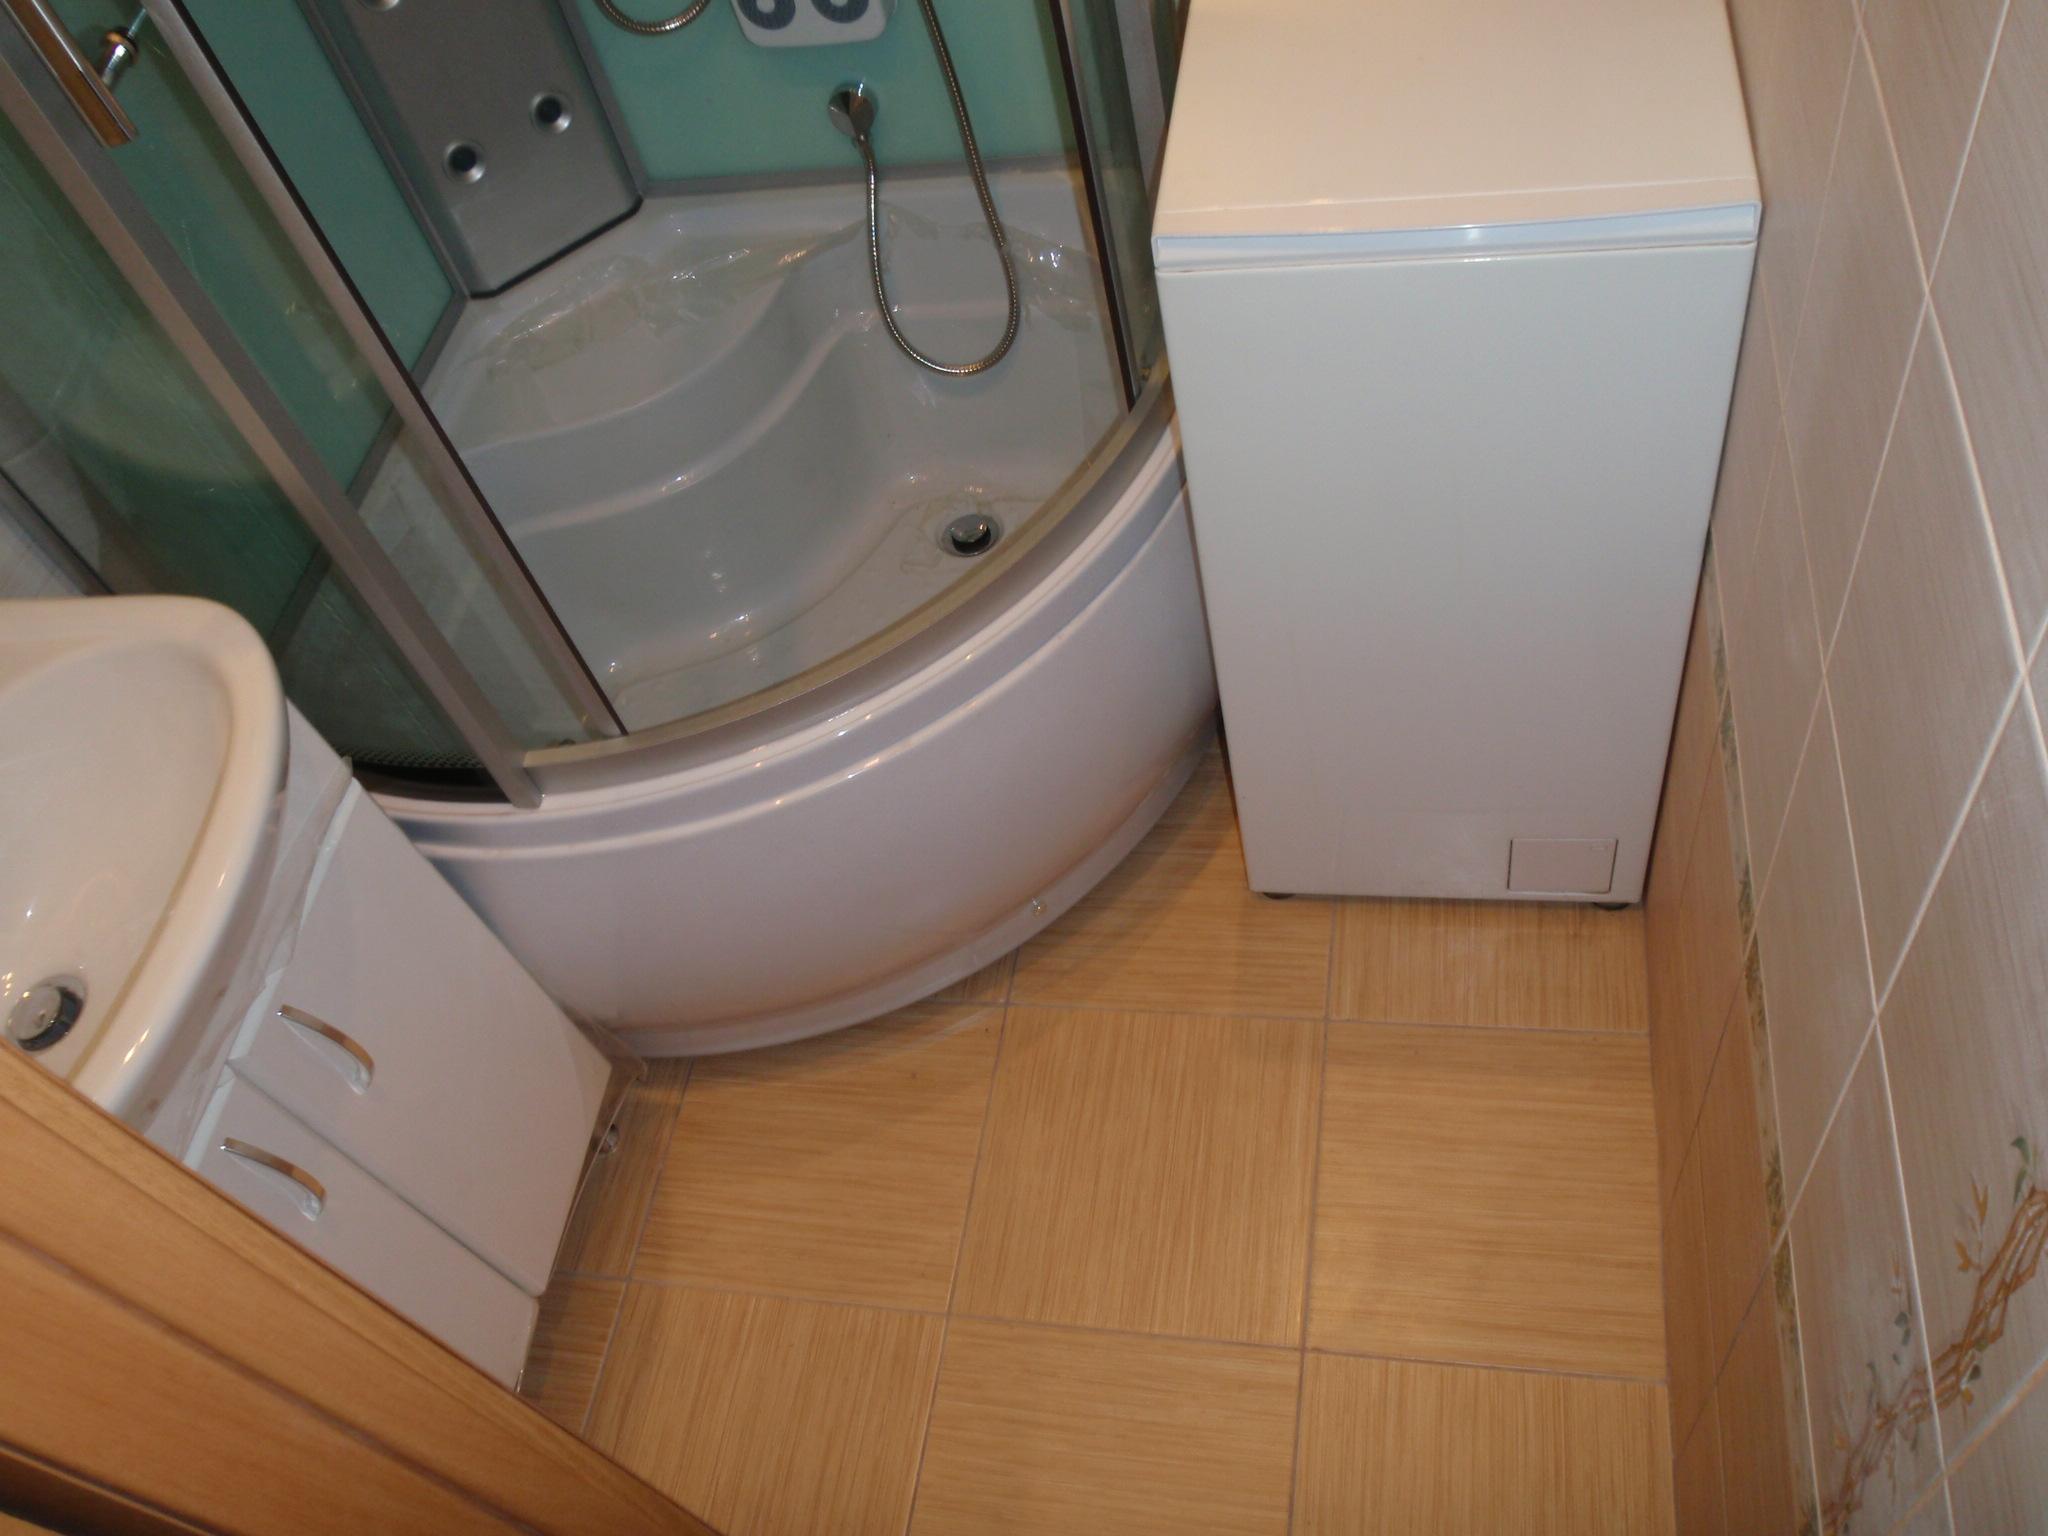 Ремонт ванной комнаты малых размеров